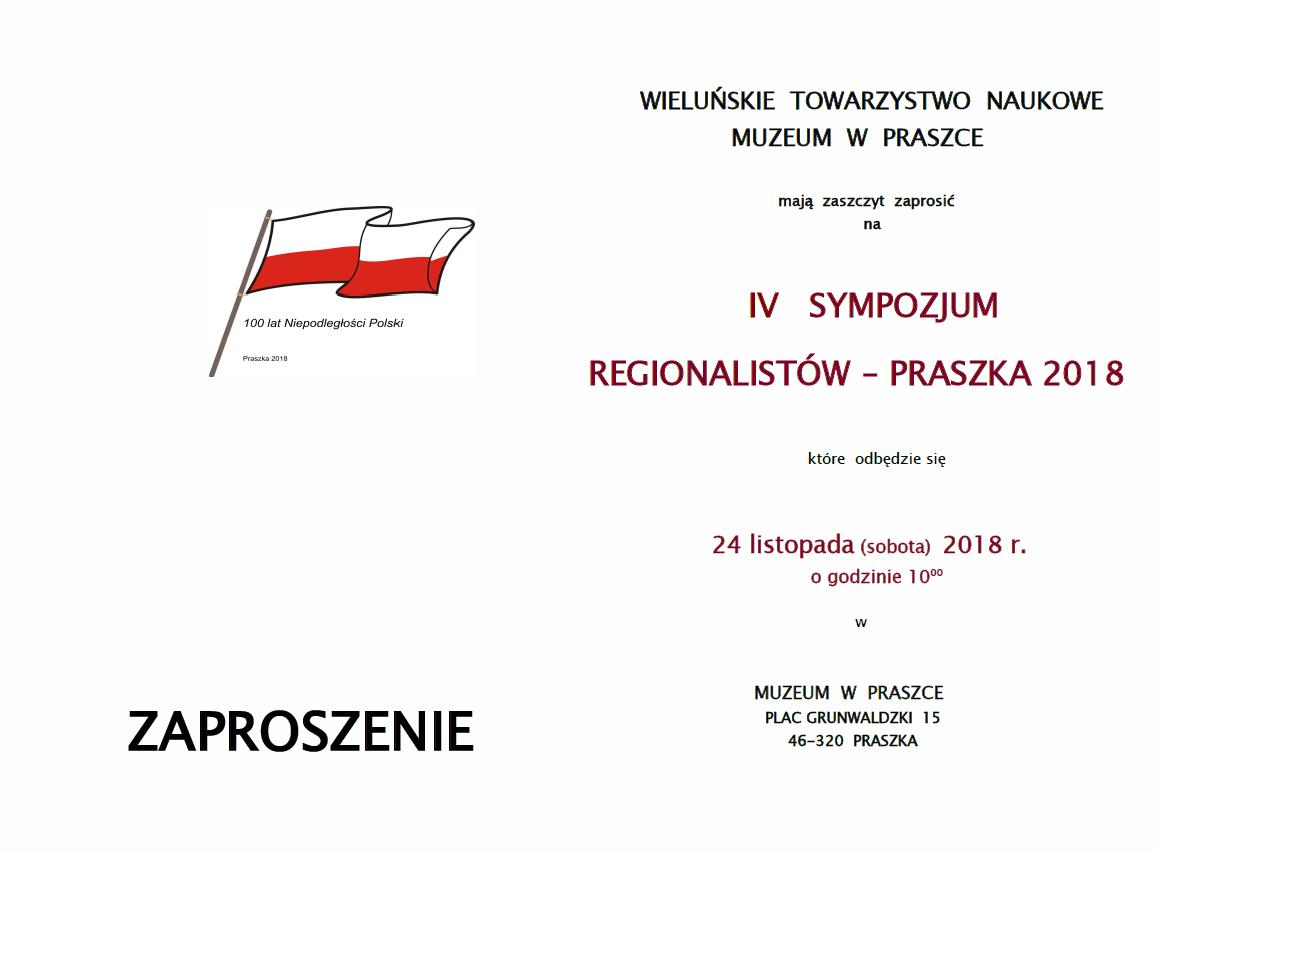 plakat_iv_sympozjum_regionalistow_1